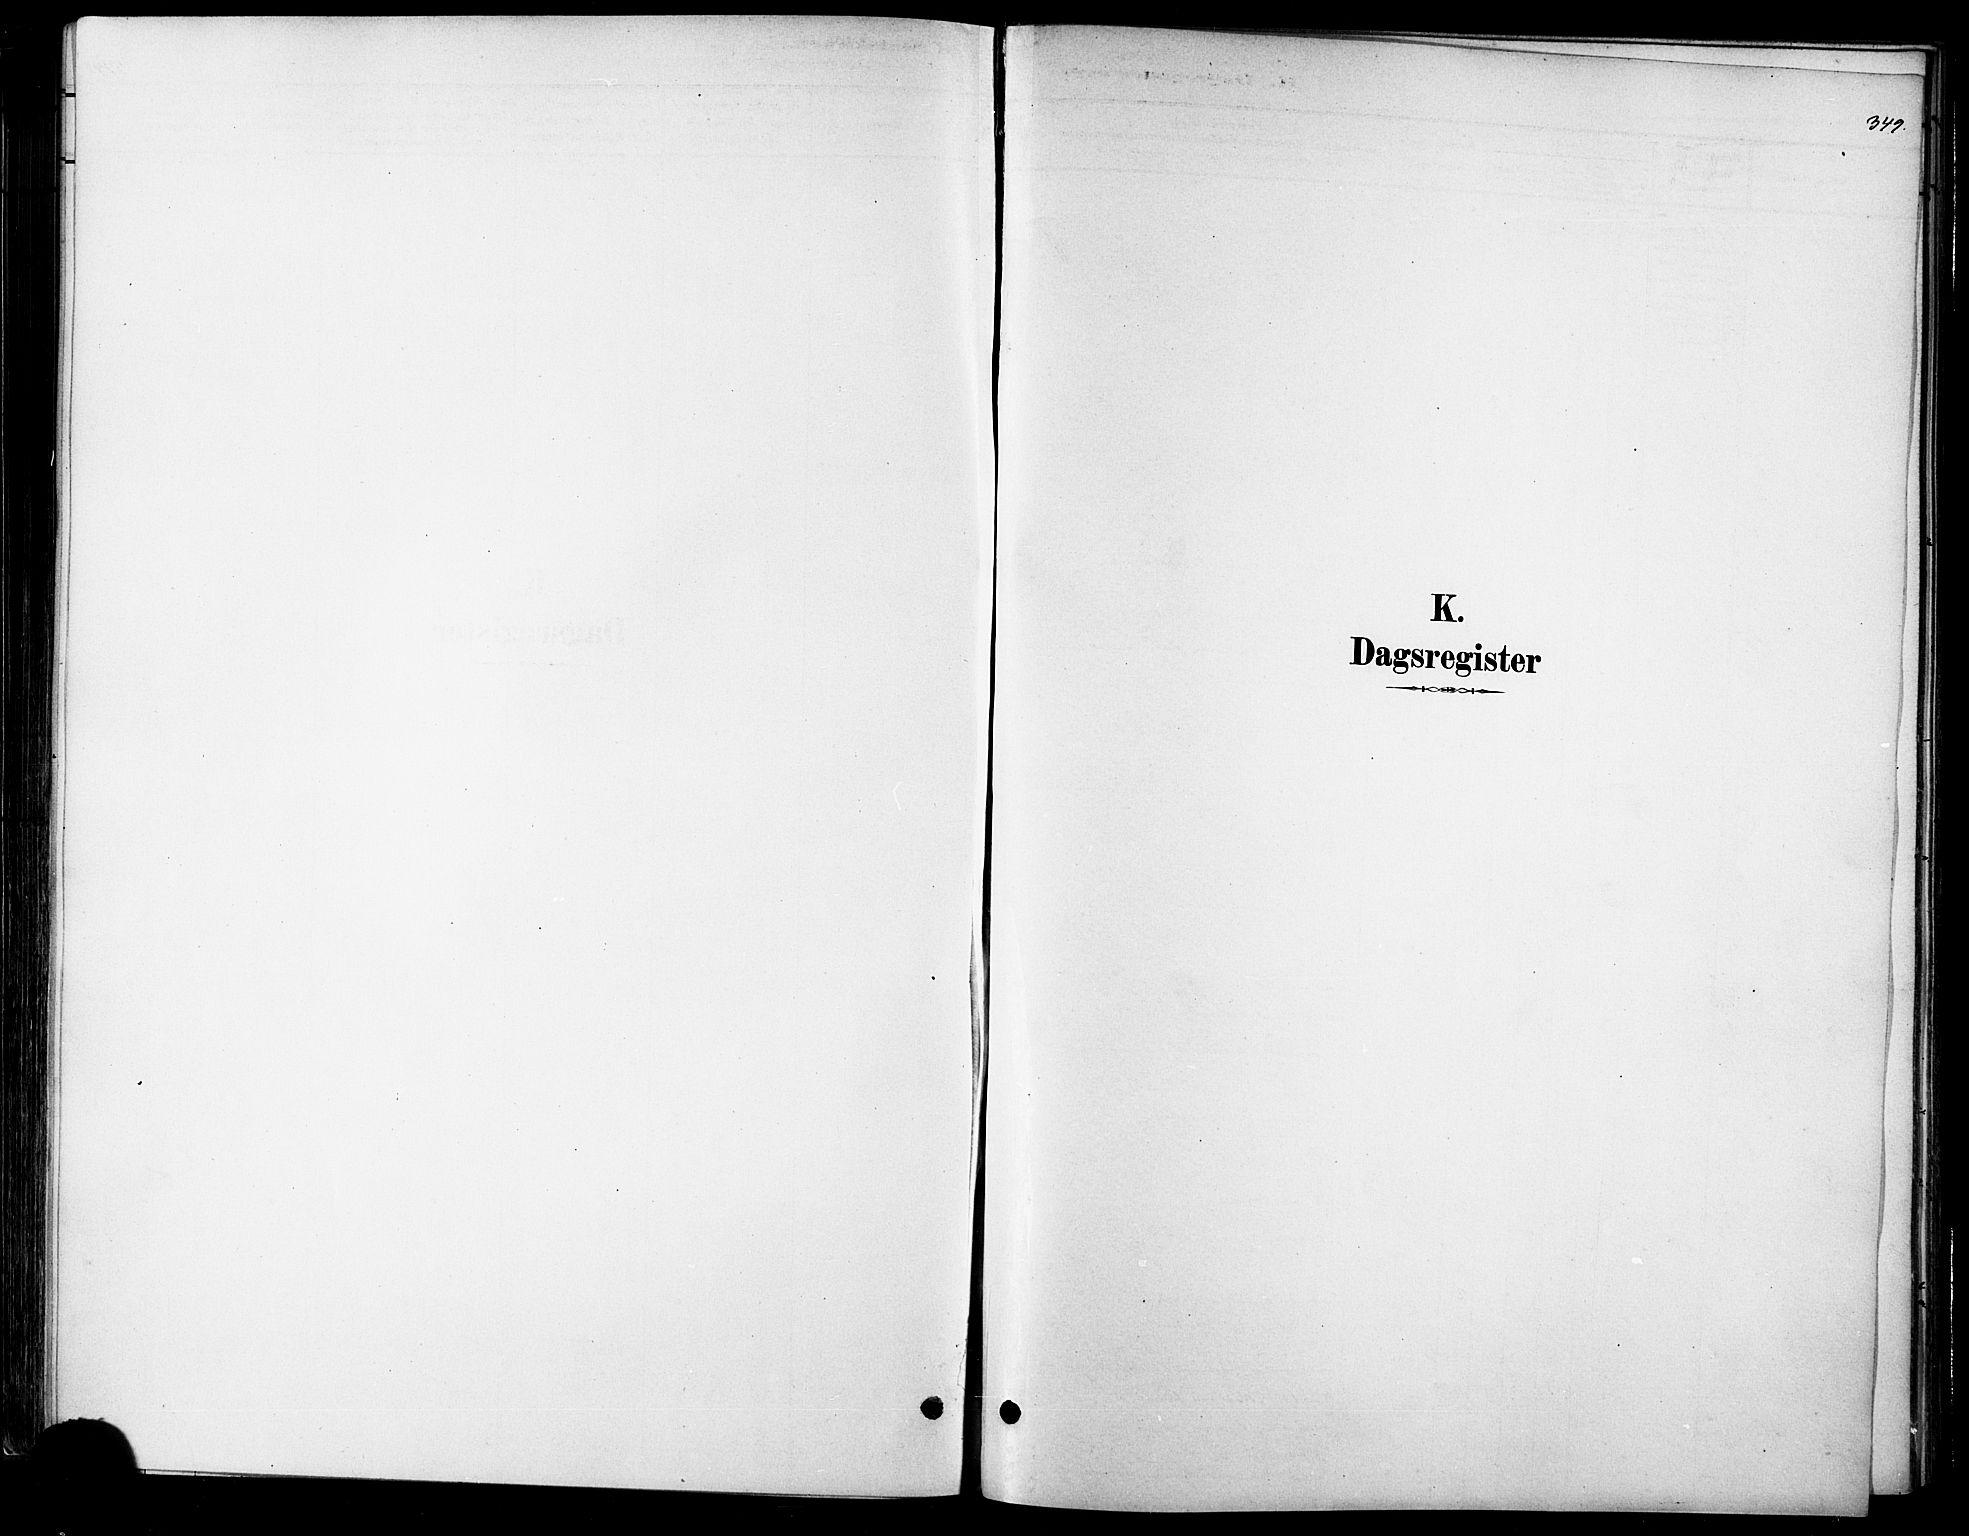 SAT, Ministerialprotokoller, klokkerbøker og fødselsregistre - Møre og Romsdal, 529/L0454: Ministerialbok nr. 529A04, 1878-1885, s. 349